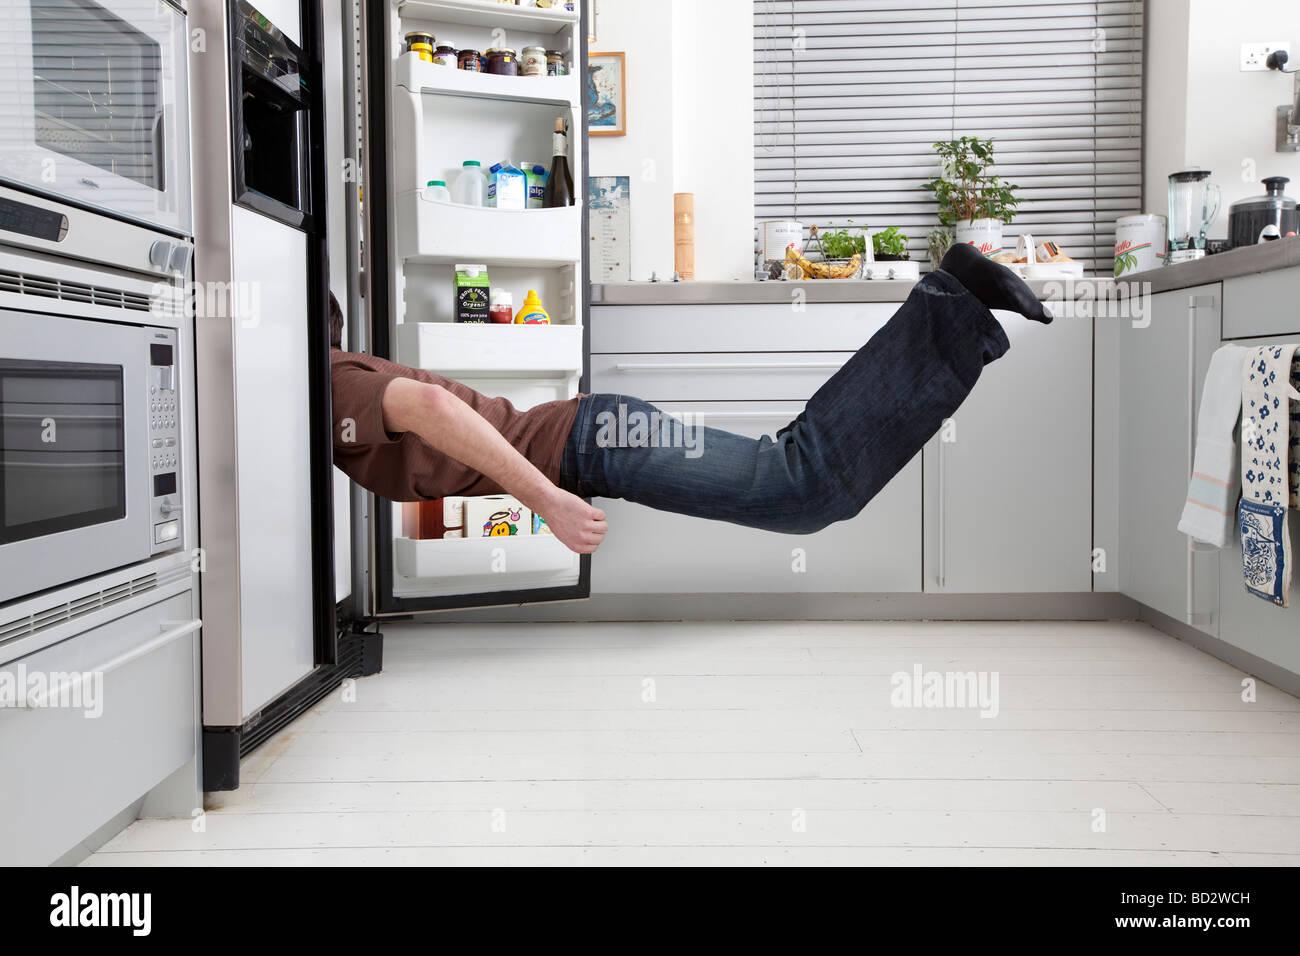 L'homme à la recherche dans un réfrigérateur Photo Stock